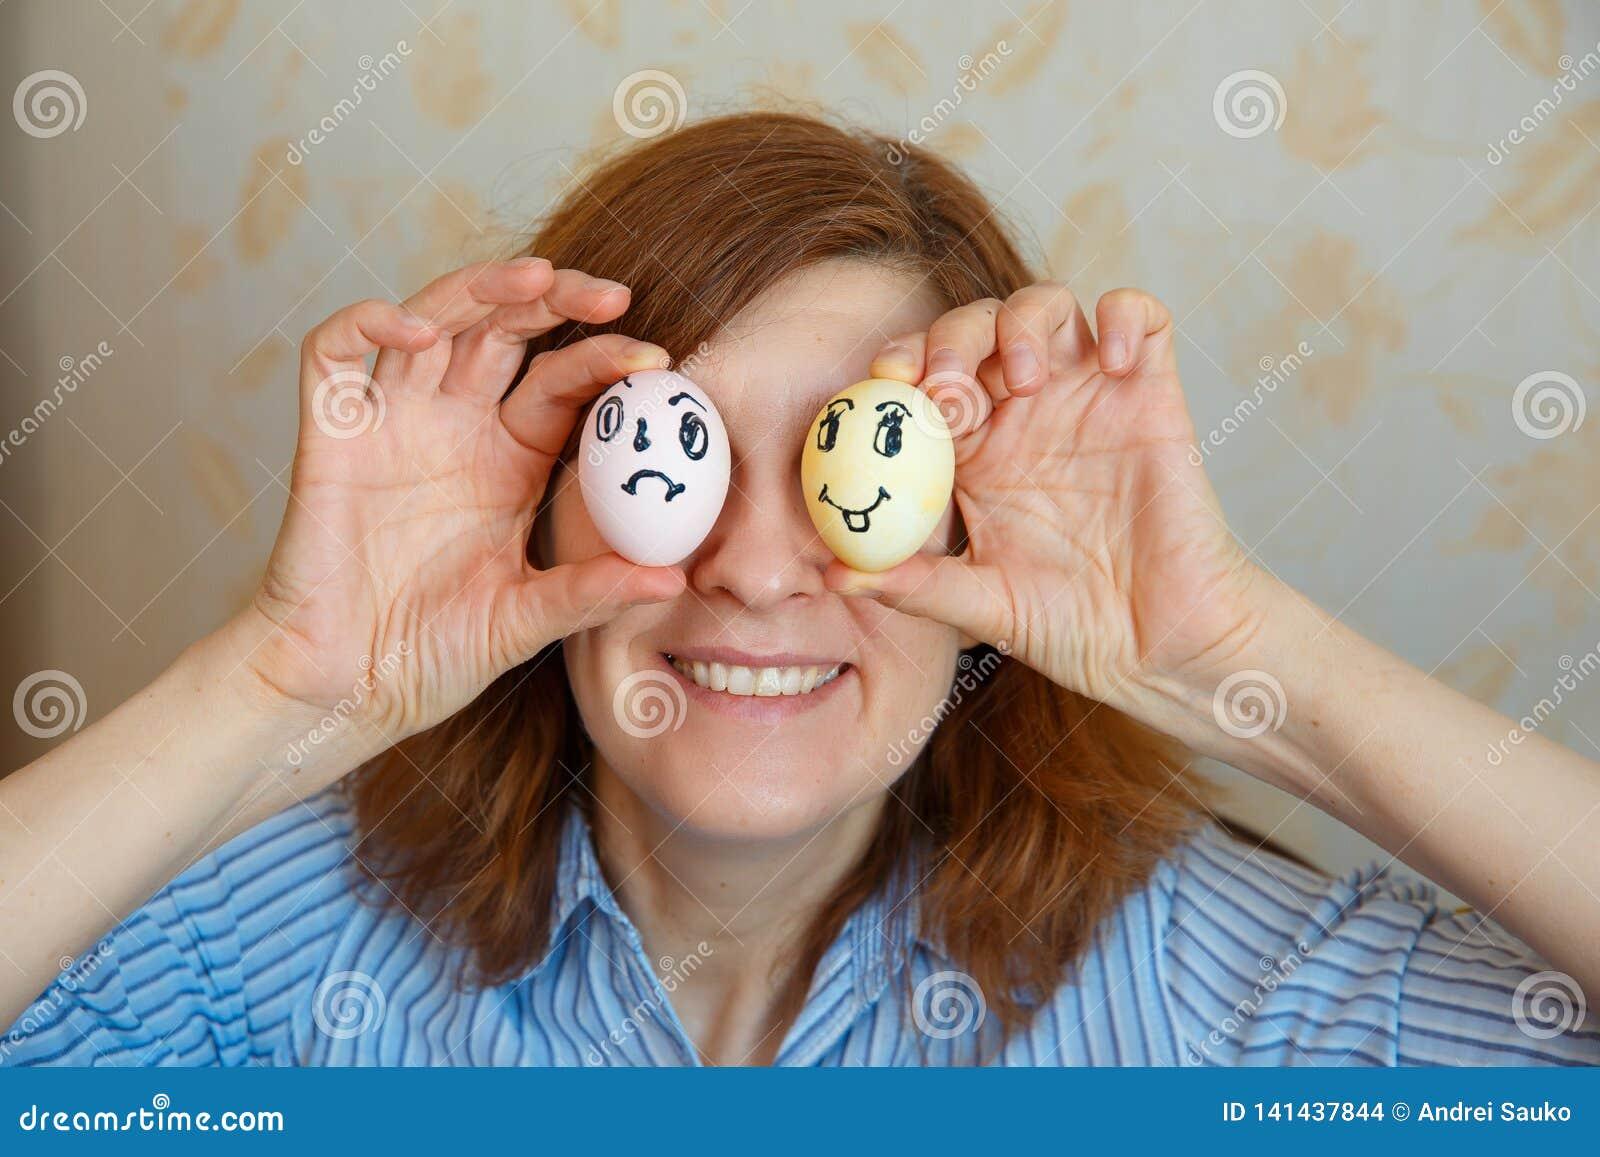 La fille montre les oeufs peints pour Pâques avec les visages drôles